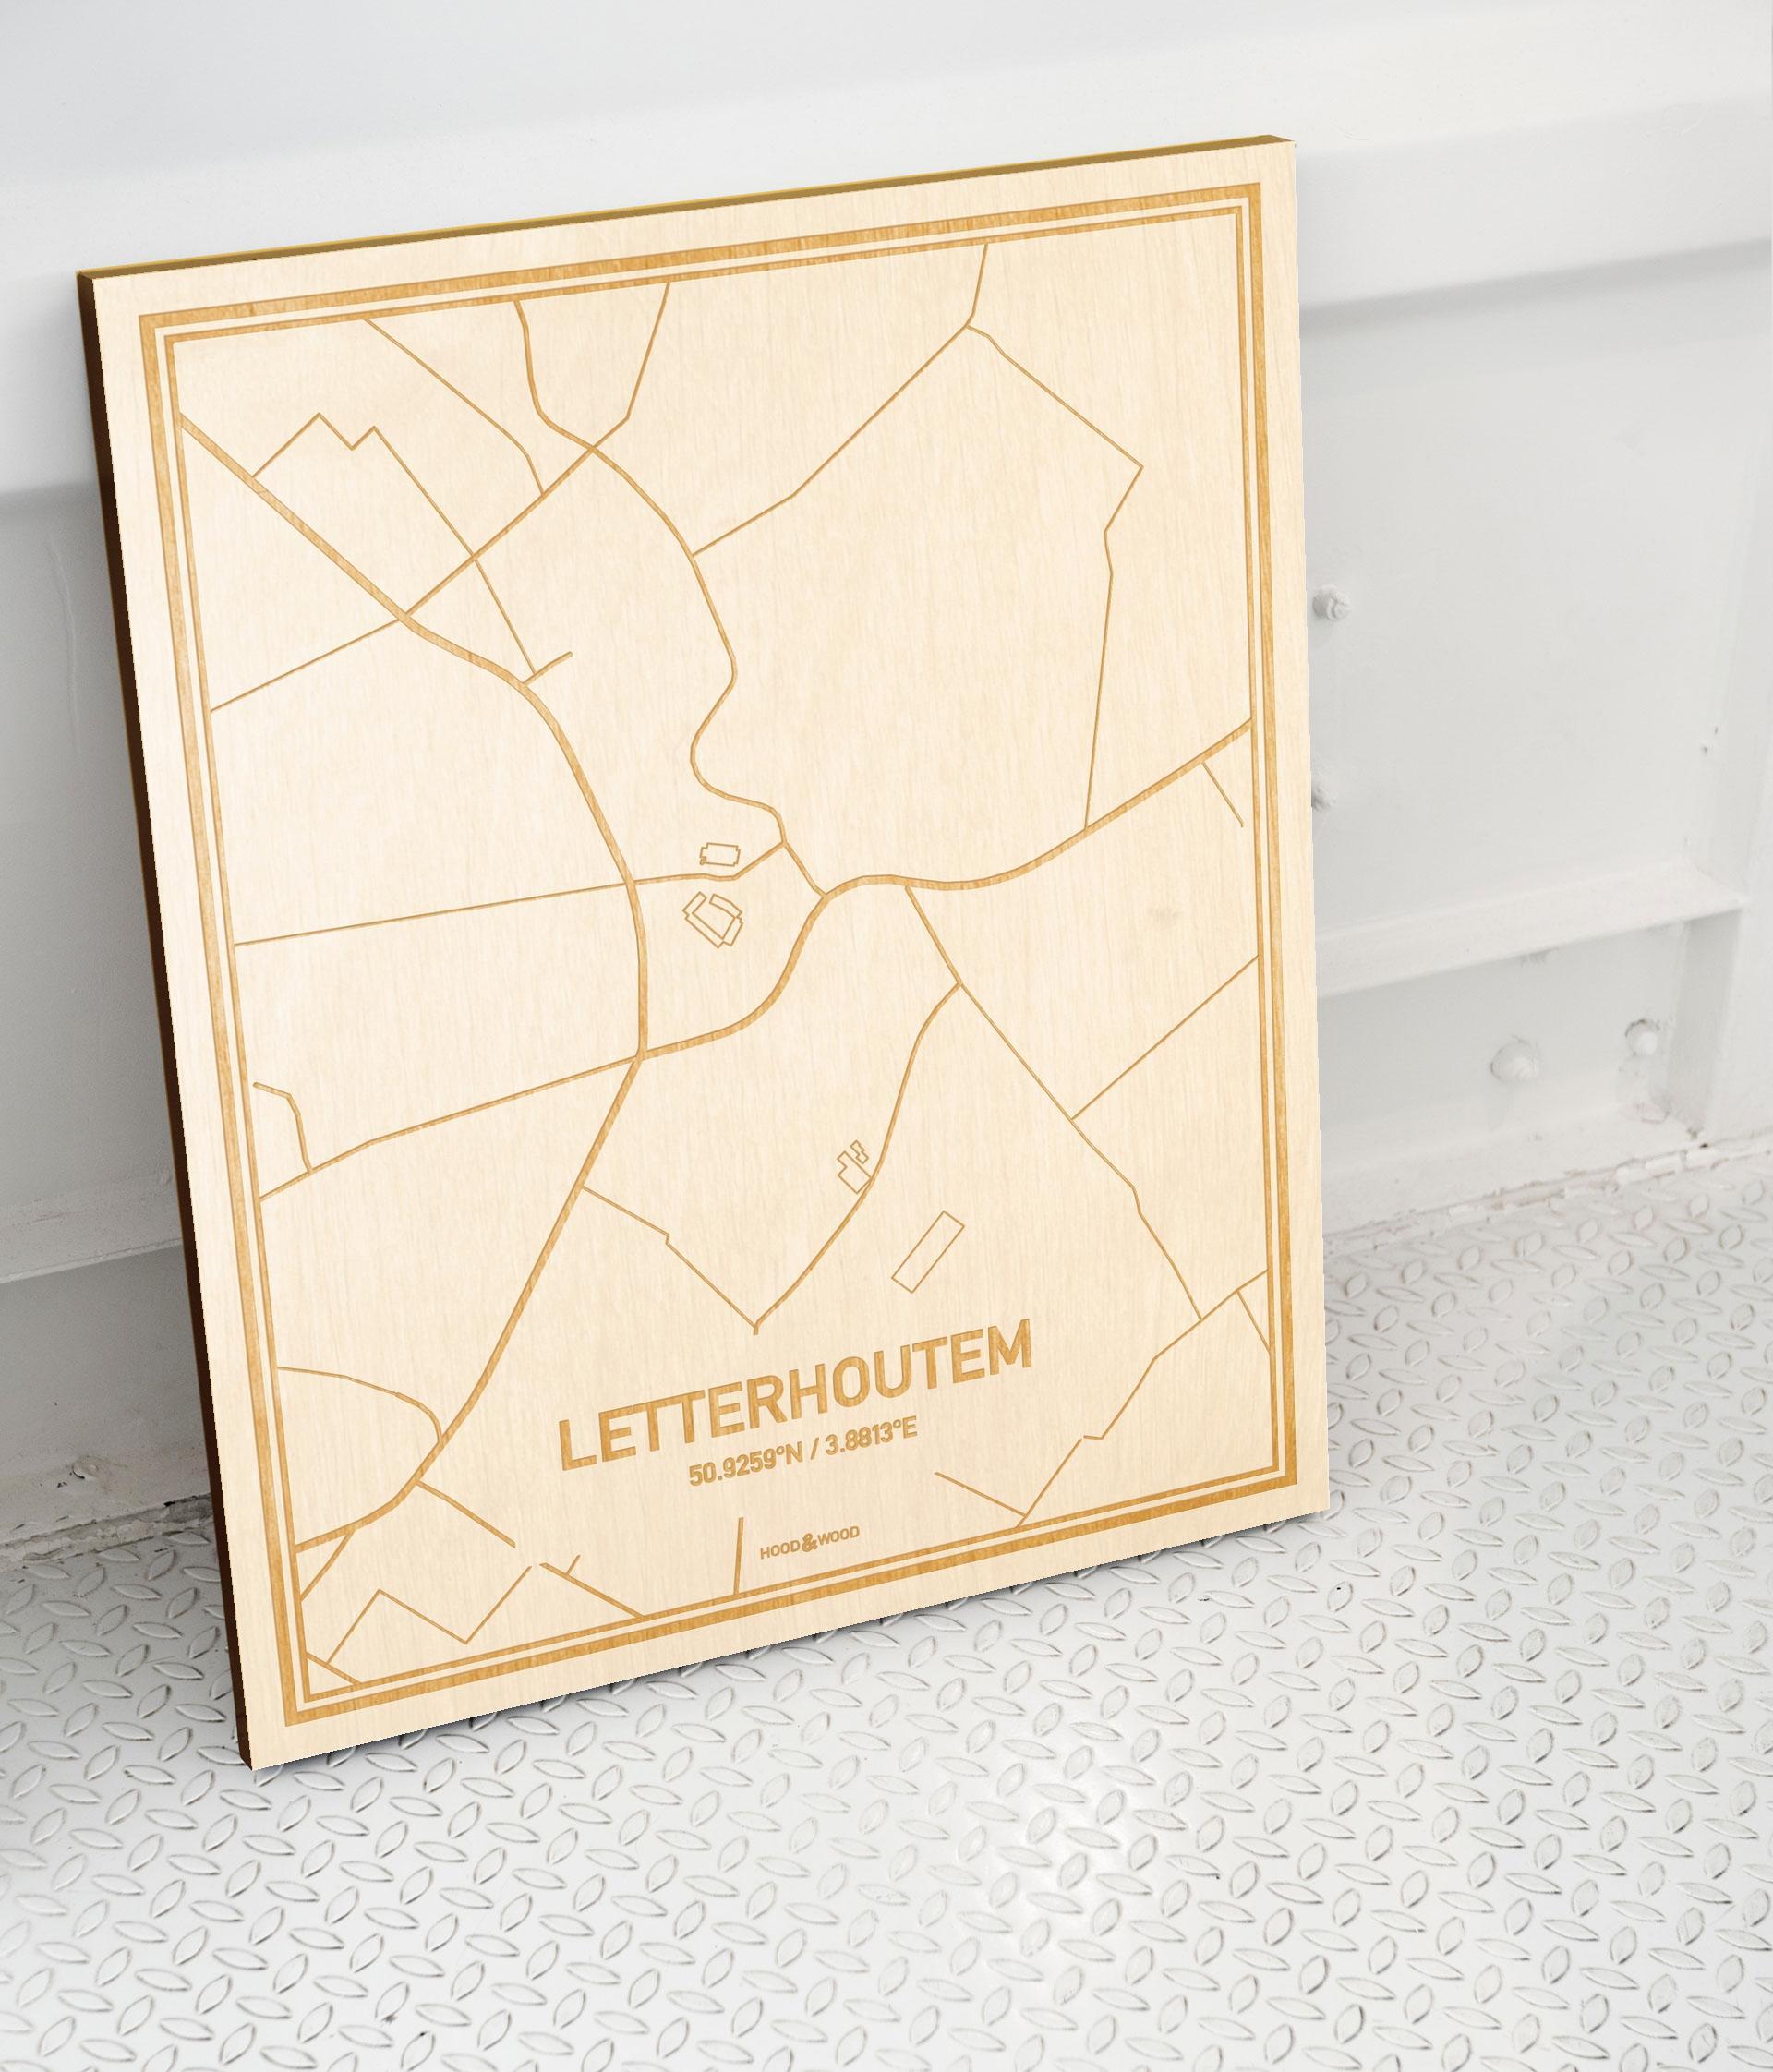 Plattegrond Letterhoutem als prachtige houten wanddecoratie. Het warme hout contrasteert mooi met de witte muur.